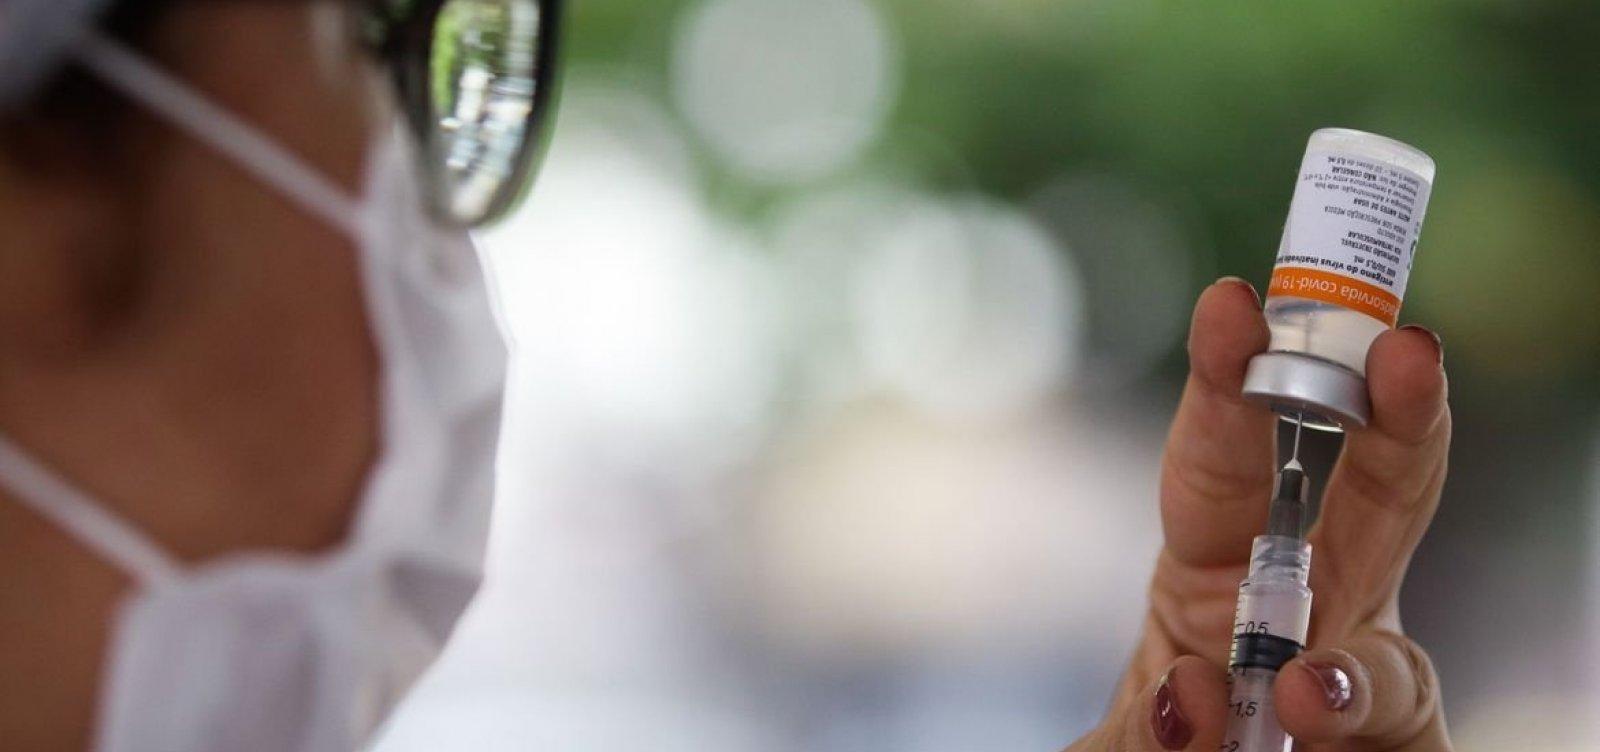 Até domingo 10,9 milhões de doses de vacinas serão disponibilizadas no Brasil